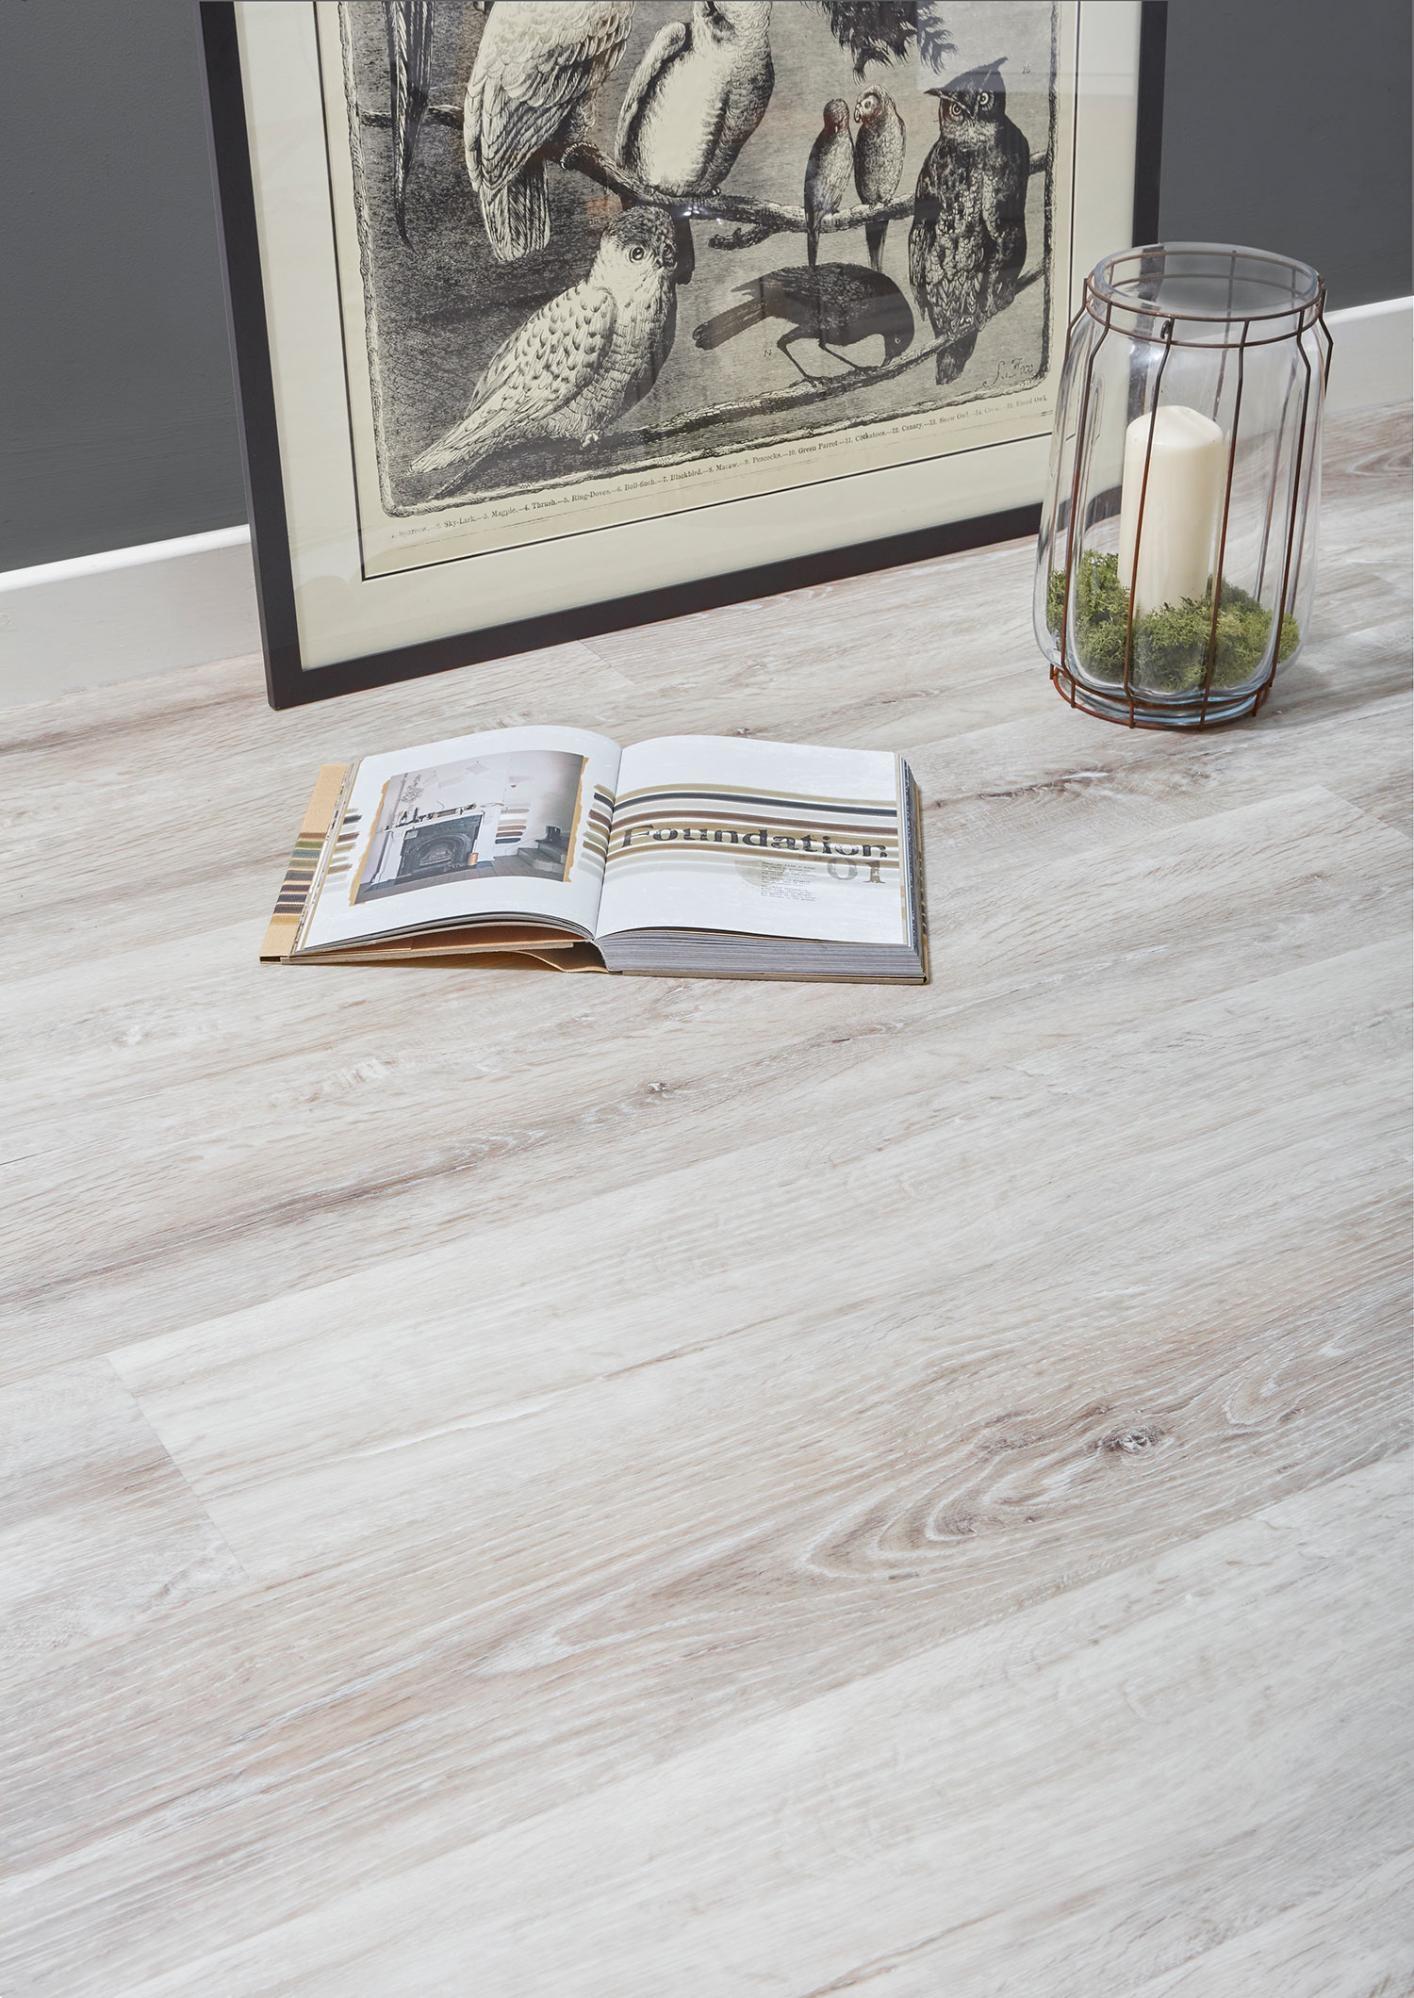 Burrnest Victoria Luxury Vinyl Flooring, White Vinyl Laminate Flooring